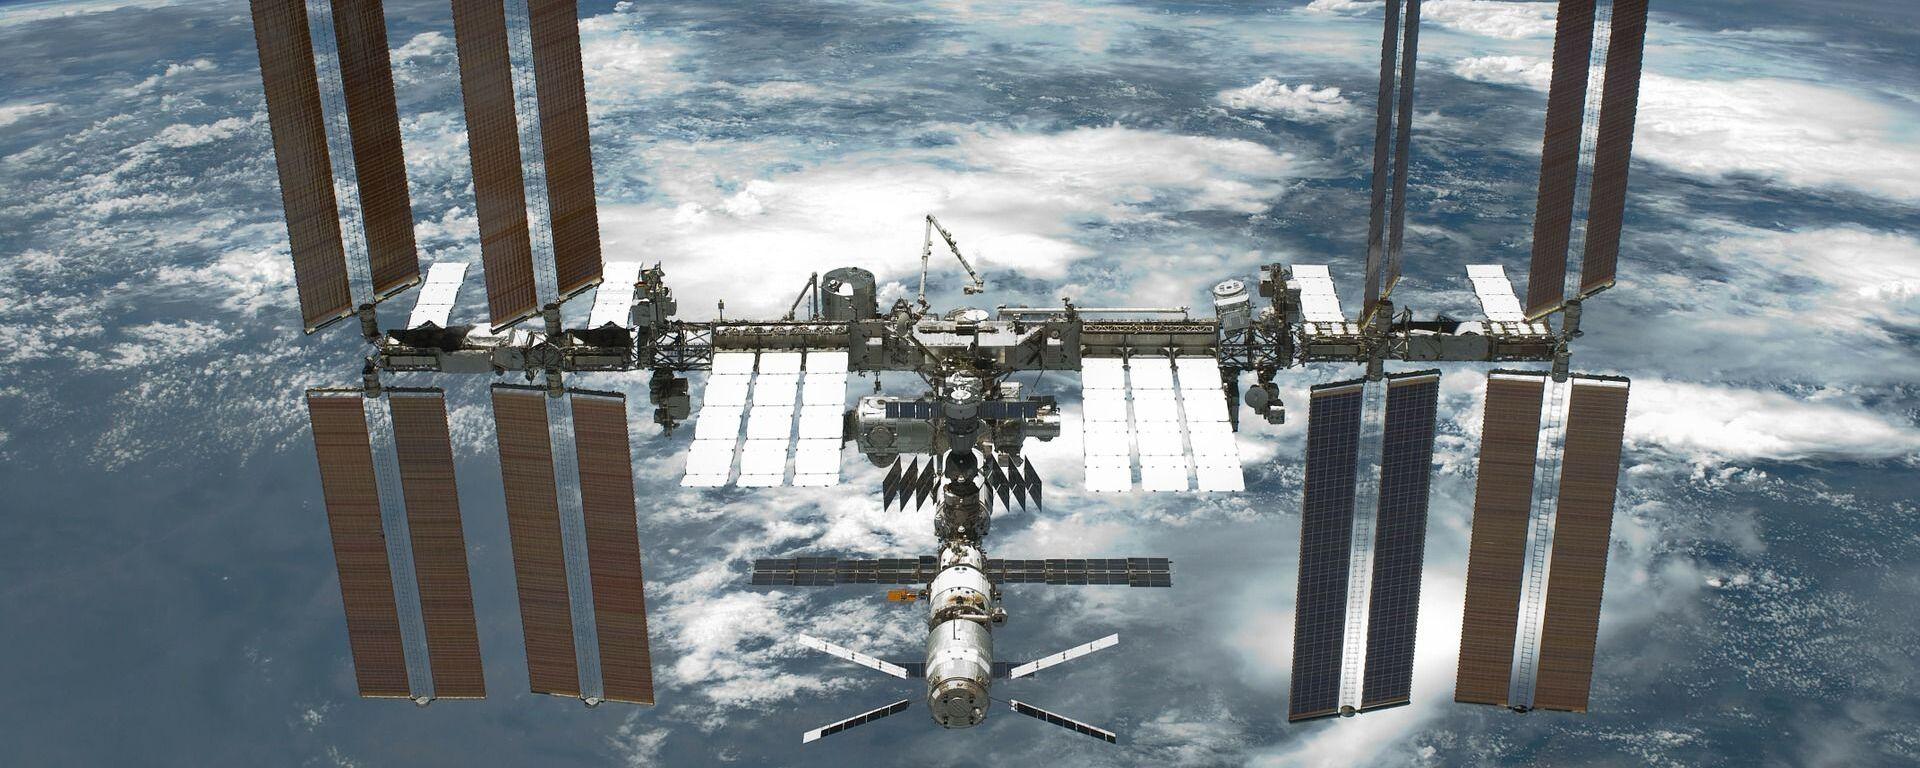 La Estación Espacial Internacional - Sputnik Mundo, 1920, 18.11.2020